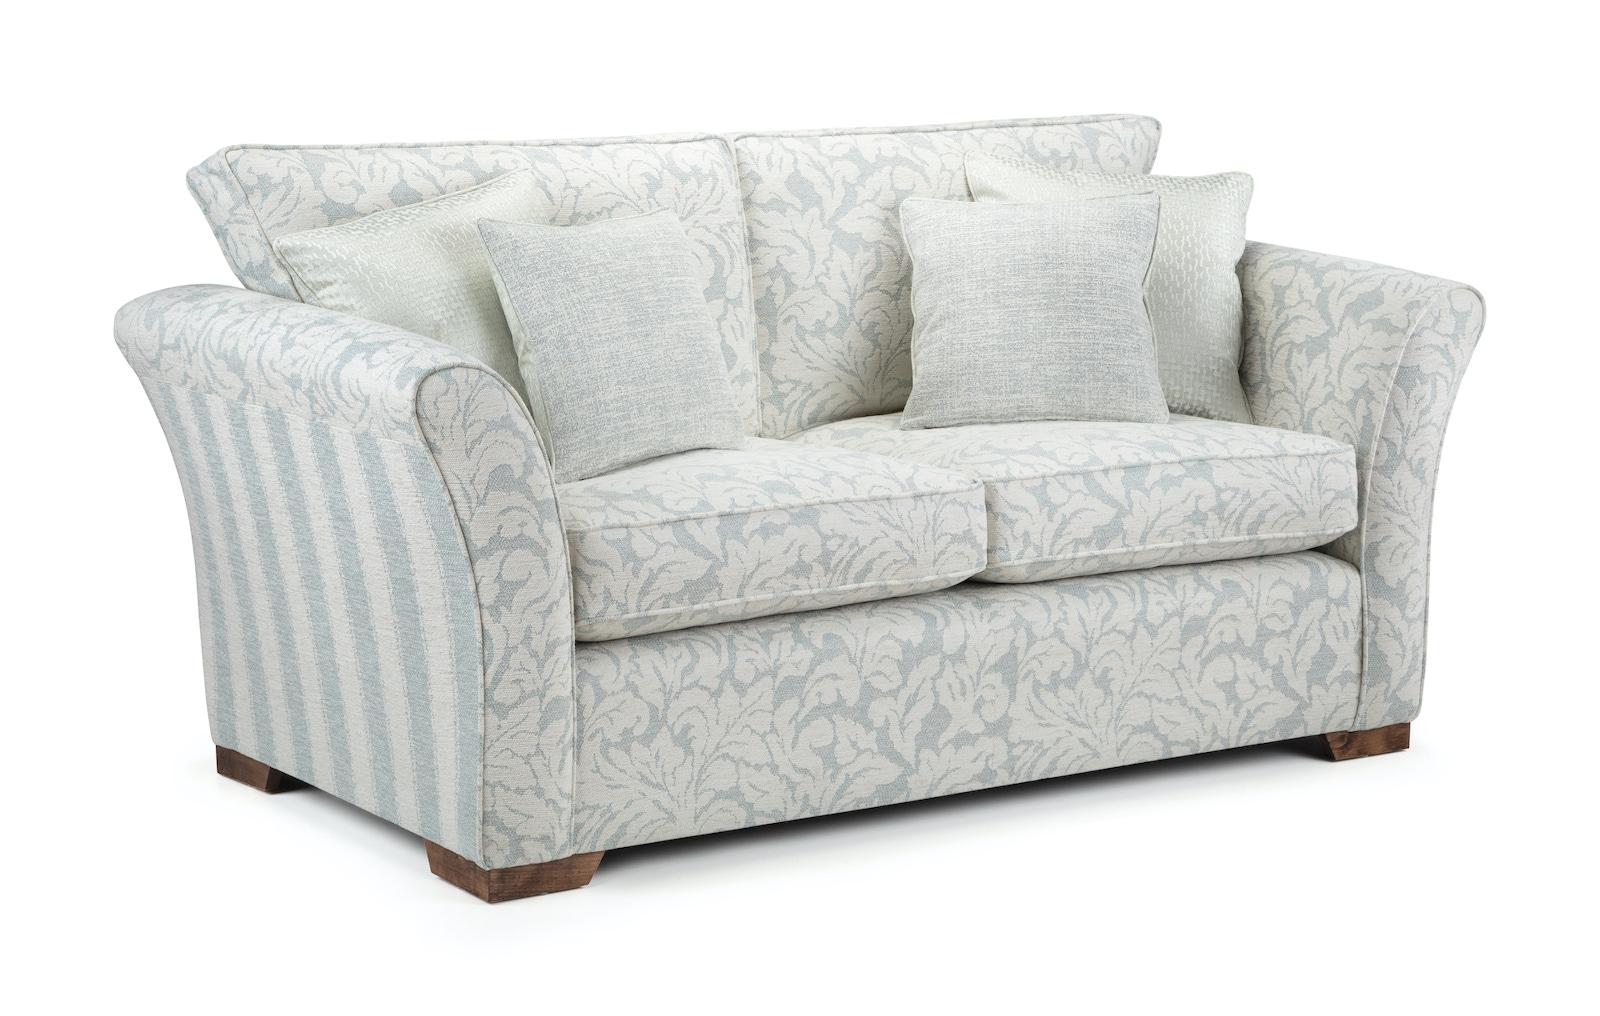 L'Artista Sofa 1